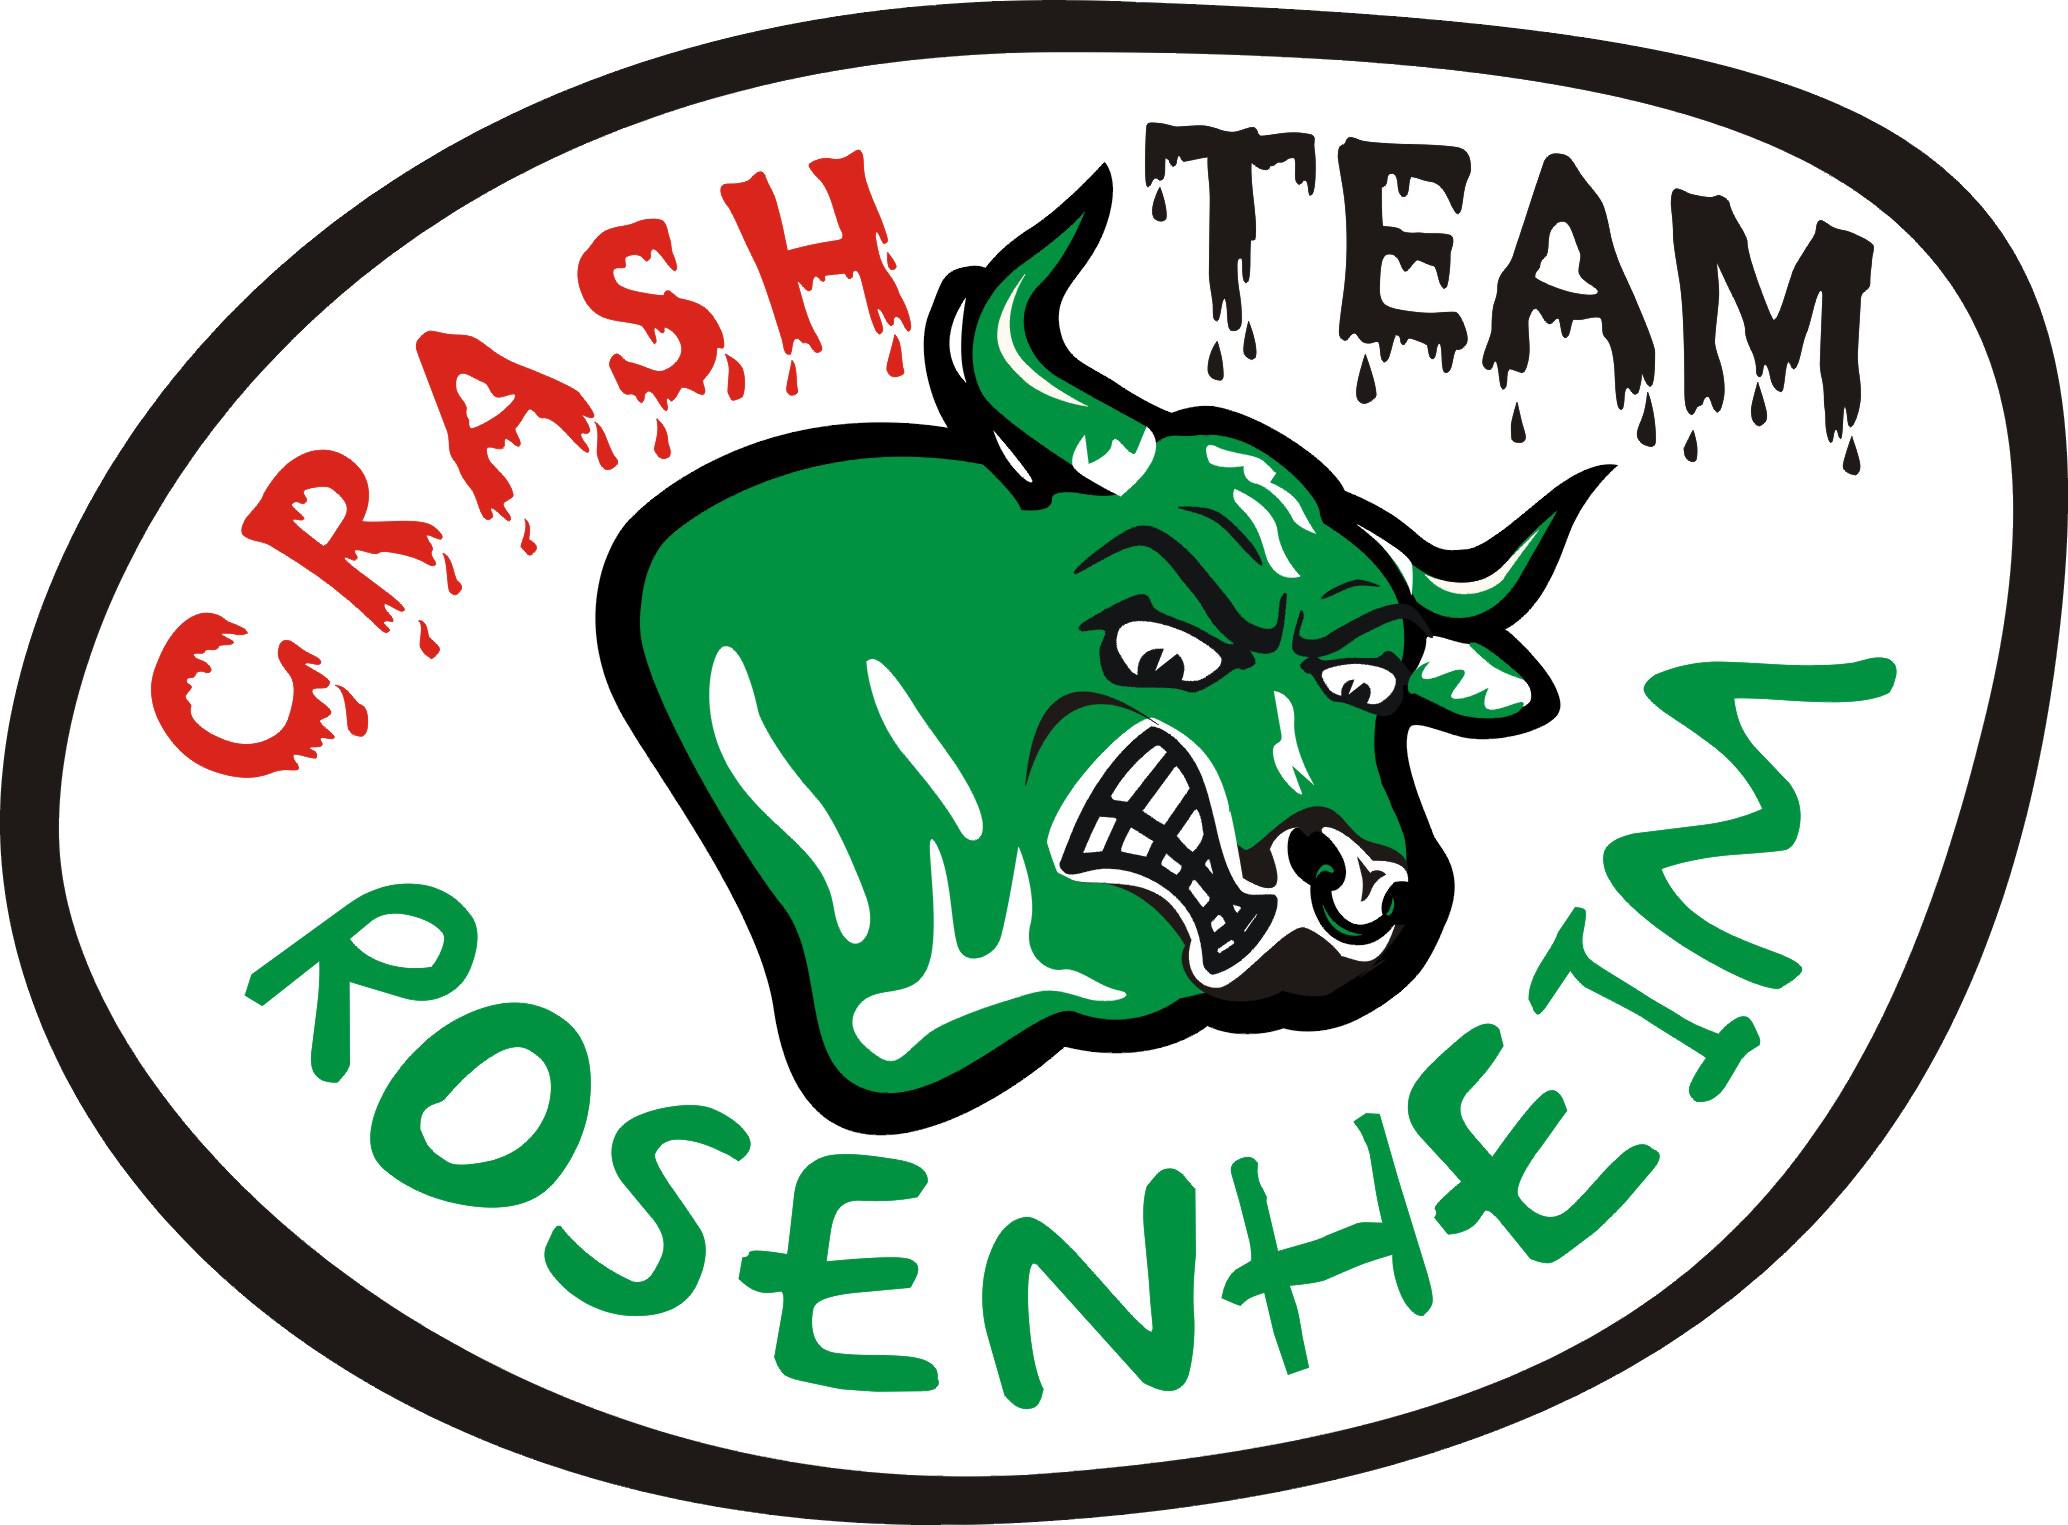 Eishockeyfanclub Crashteam Rosenheim